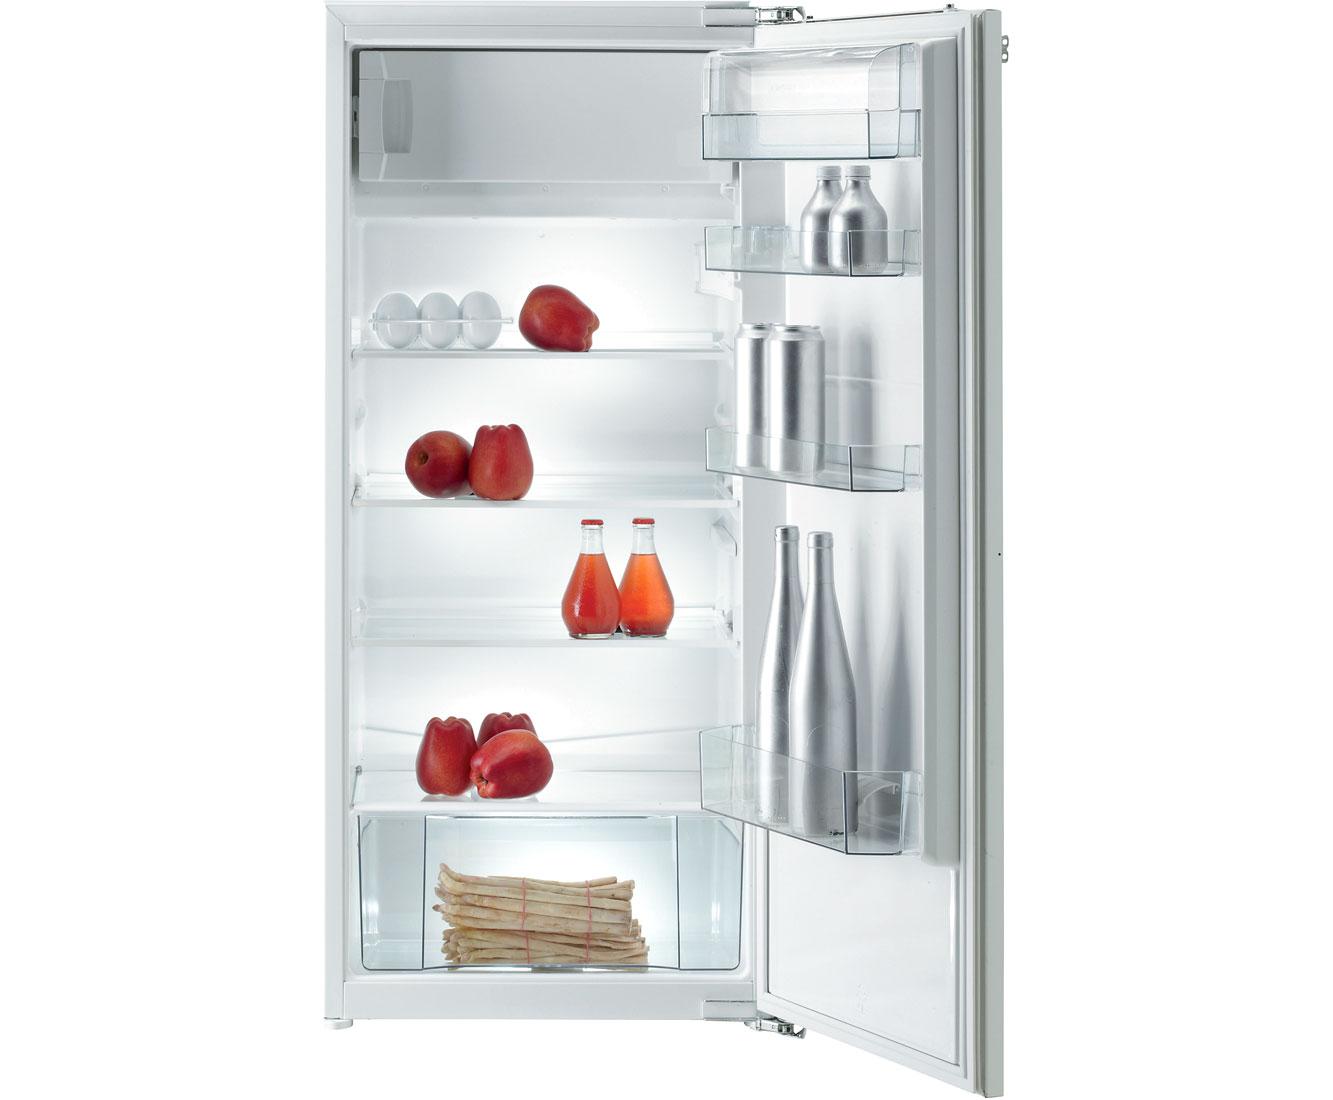 Siemens Kühlschrank Piept Beim Einschalten : Bosch kühlschrank scharnier preisvergleich u2022 die besten angebote